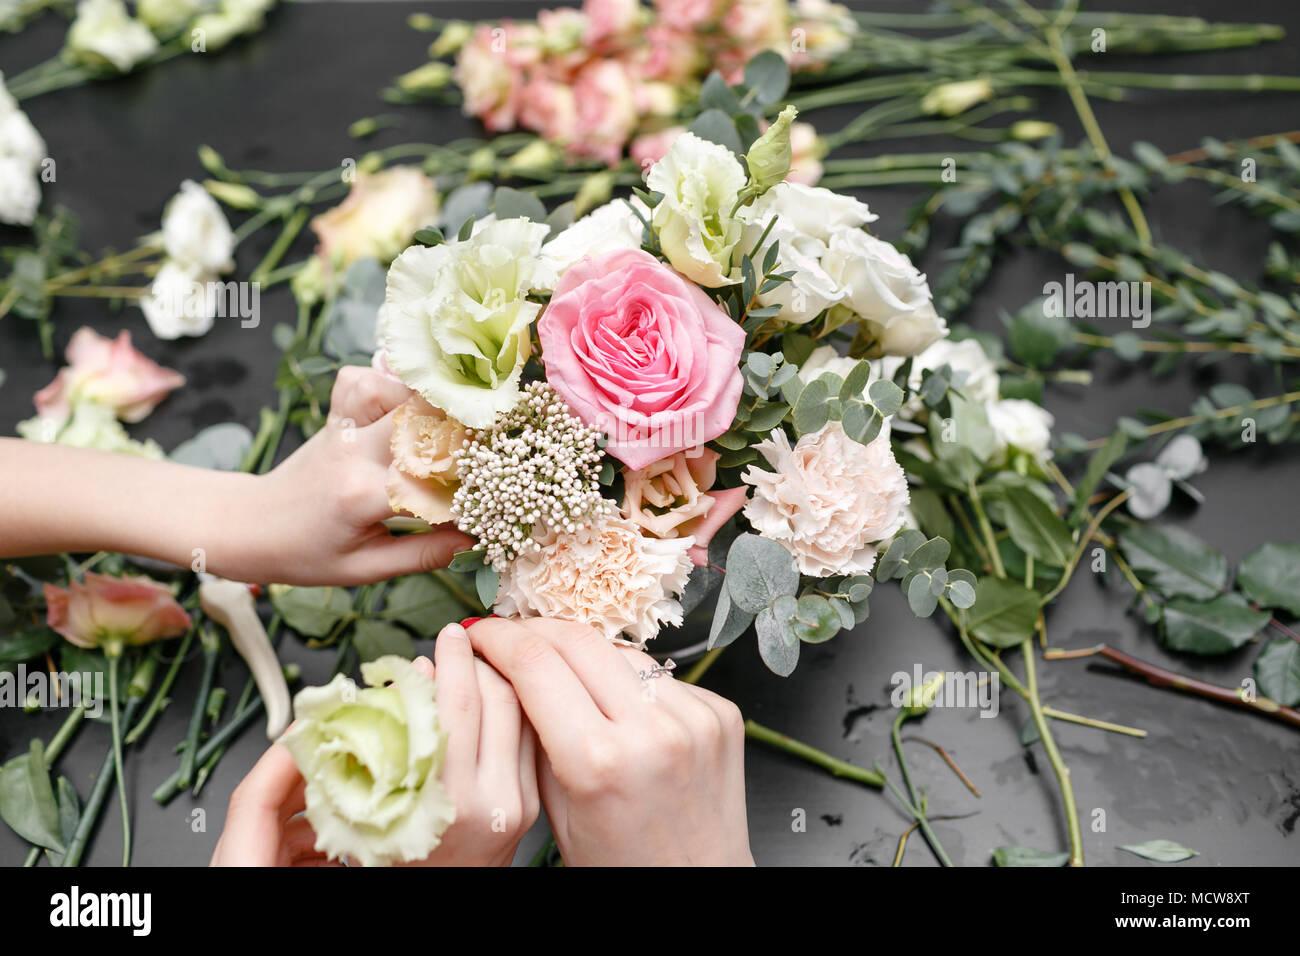 Master Class en hacer bouquets para niños. Ramo primaveral en metal maceta ornamental. Aprendizaje, haciendo arreglos florales hermosos ramilletes con tus propias manos Imagen De Stock